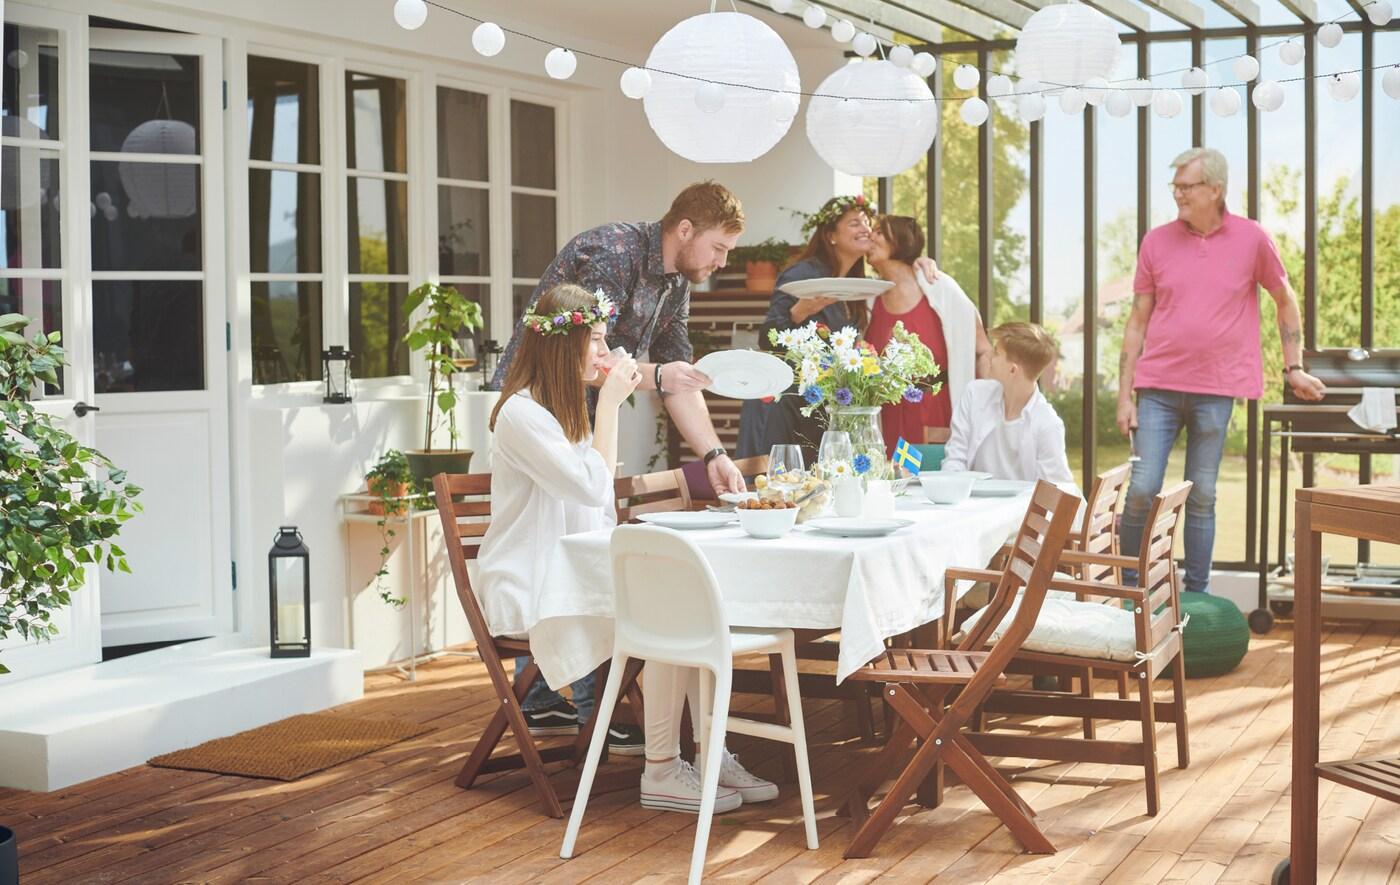 Osunčana krovna terasa i ljudi oko stola ukrašenog cvećem, visećim fenjerima i malom švedskom zastavom.